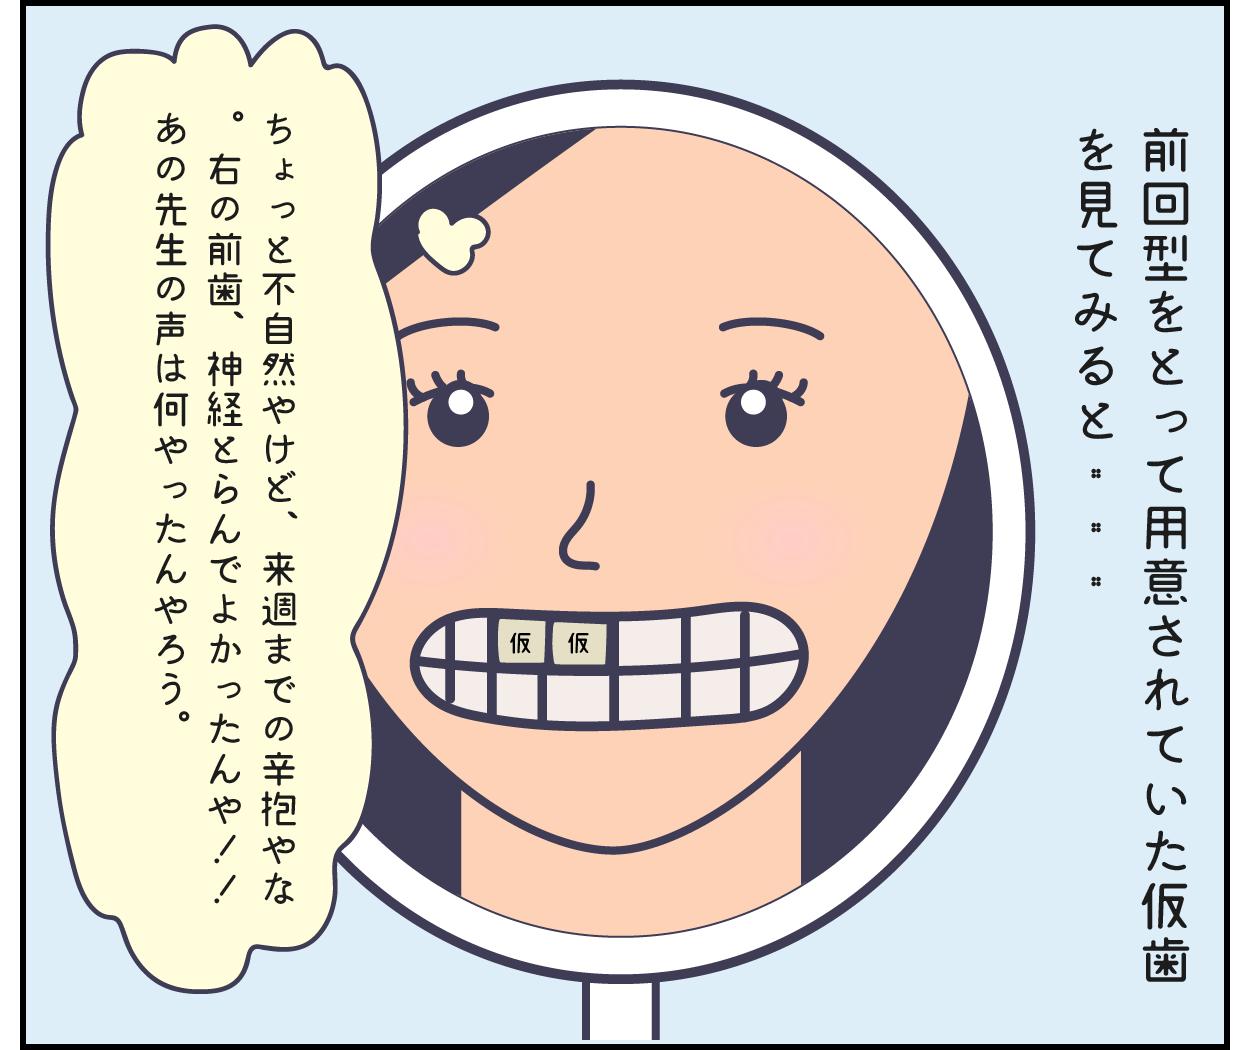 歯医者 歯科治療